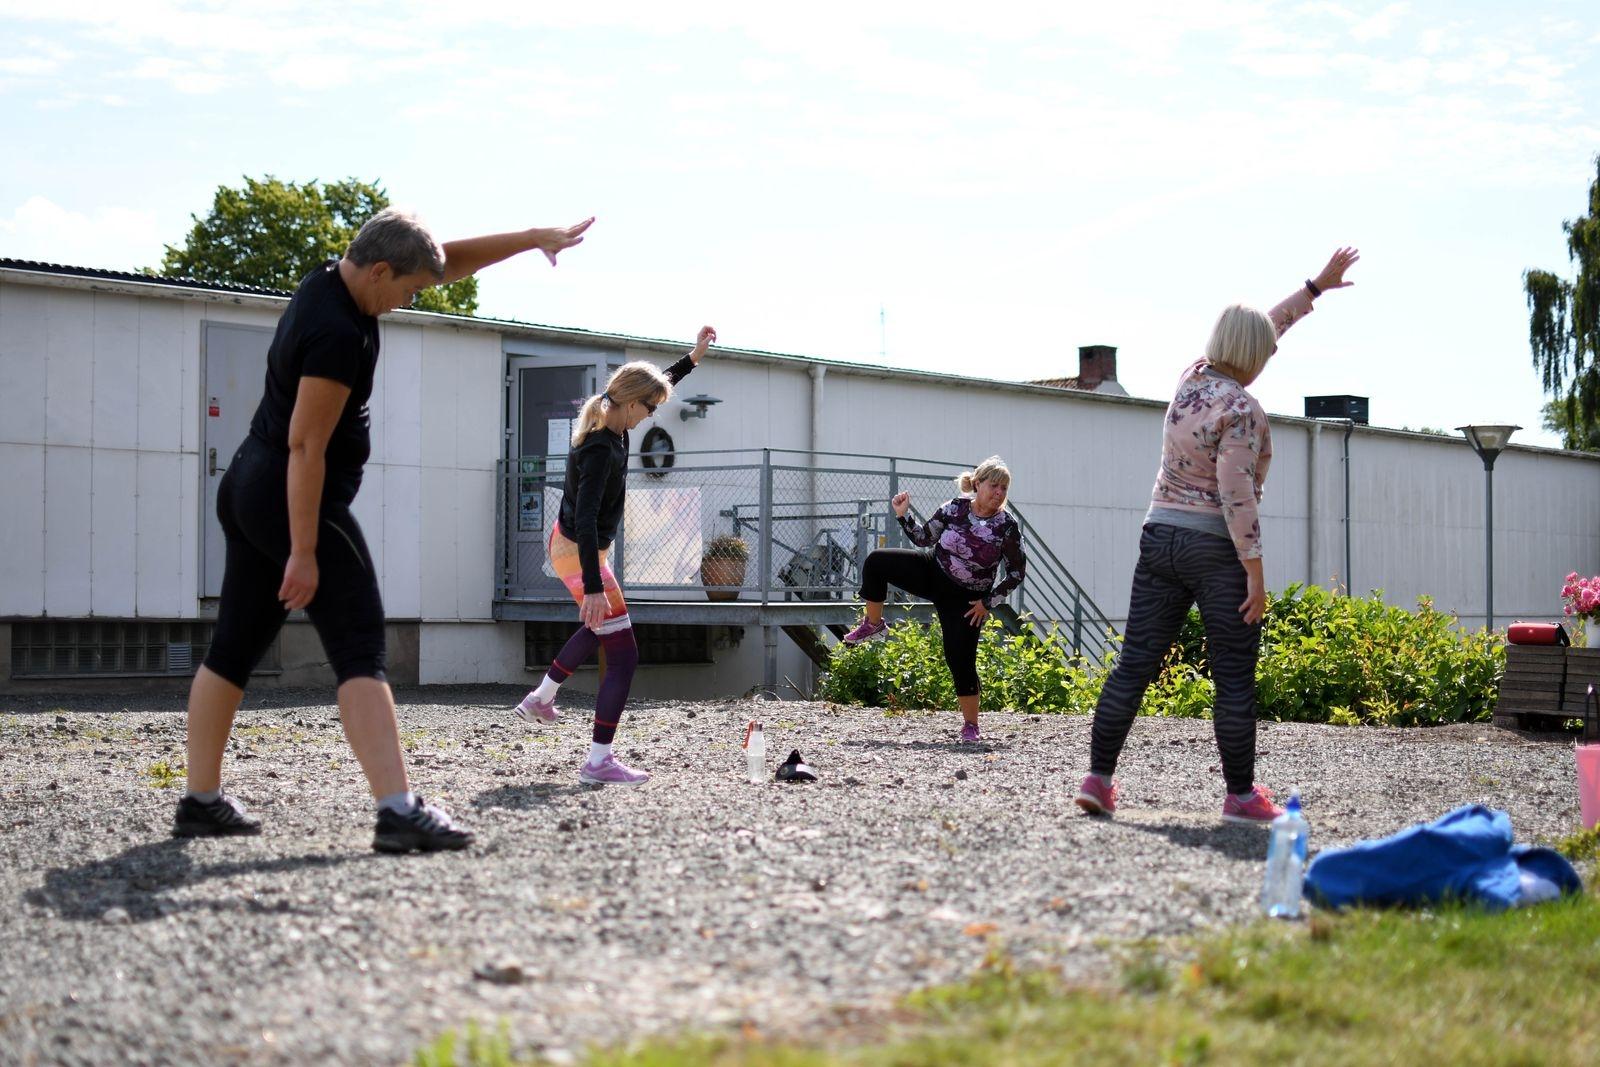 """För varje vecka hittar några fler motionärer till utomhuspassen. """"Det går långsamt men jag kämpar vidare med målet att gymmet ska vara kvar även efter pandemin"""", säger Åsa."""